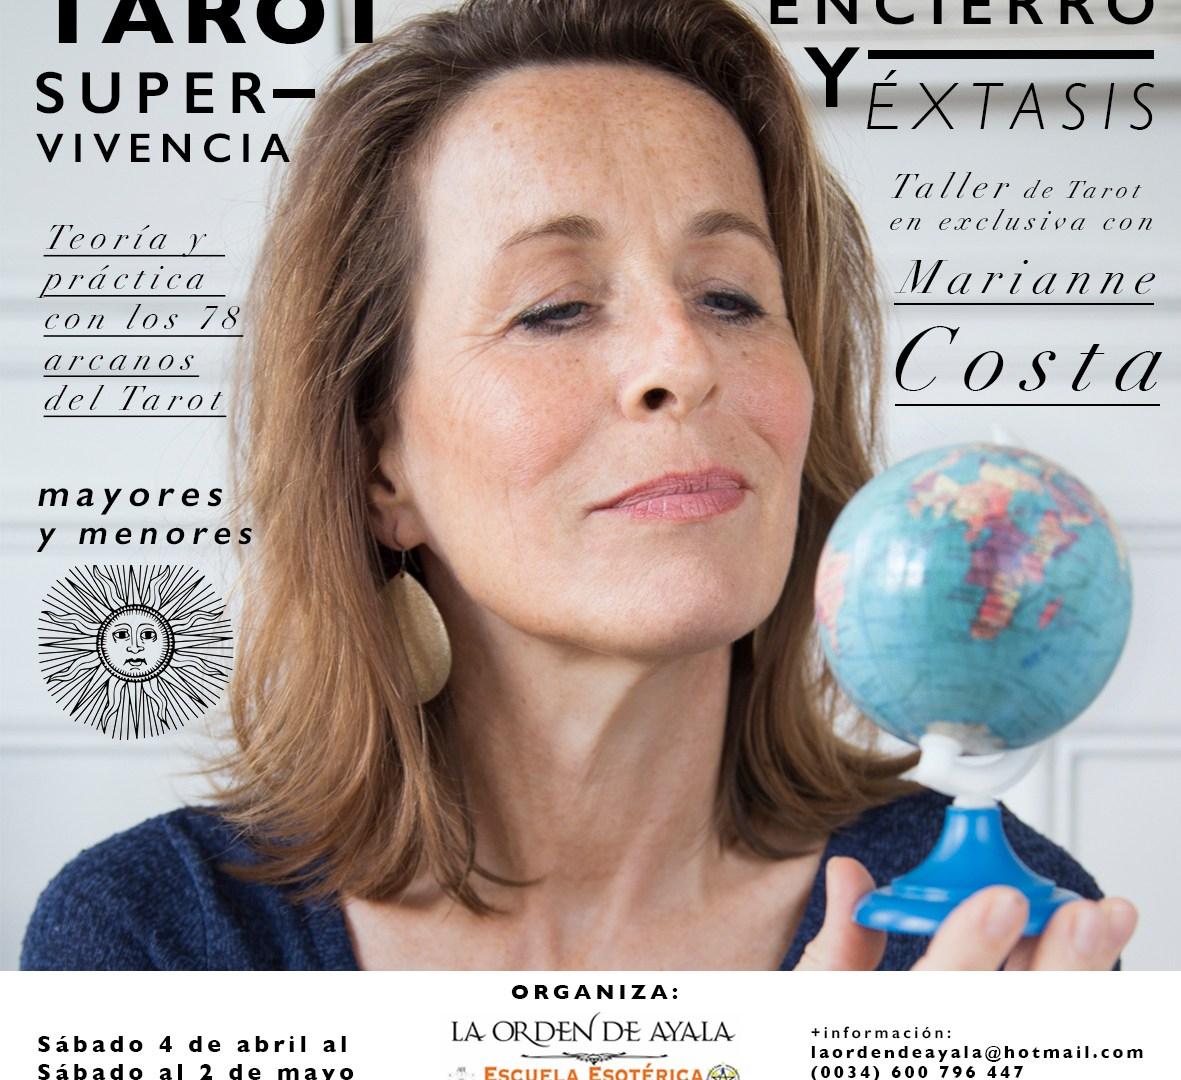 marianne-costa-tarot2020-10x10